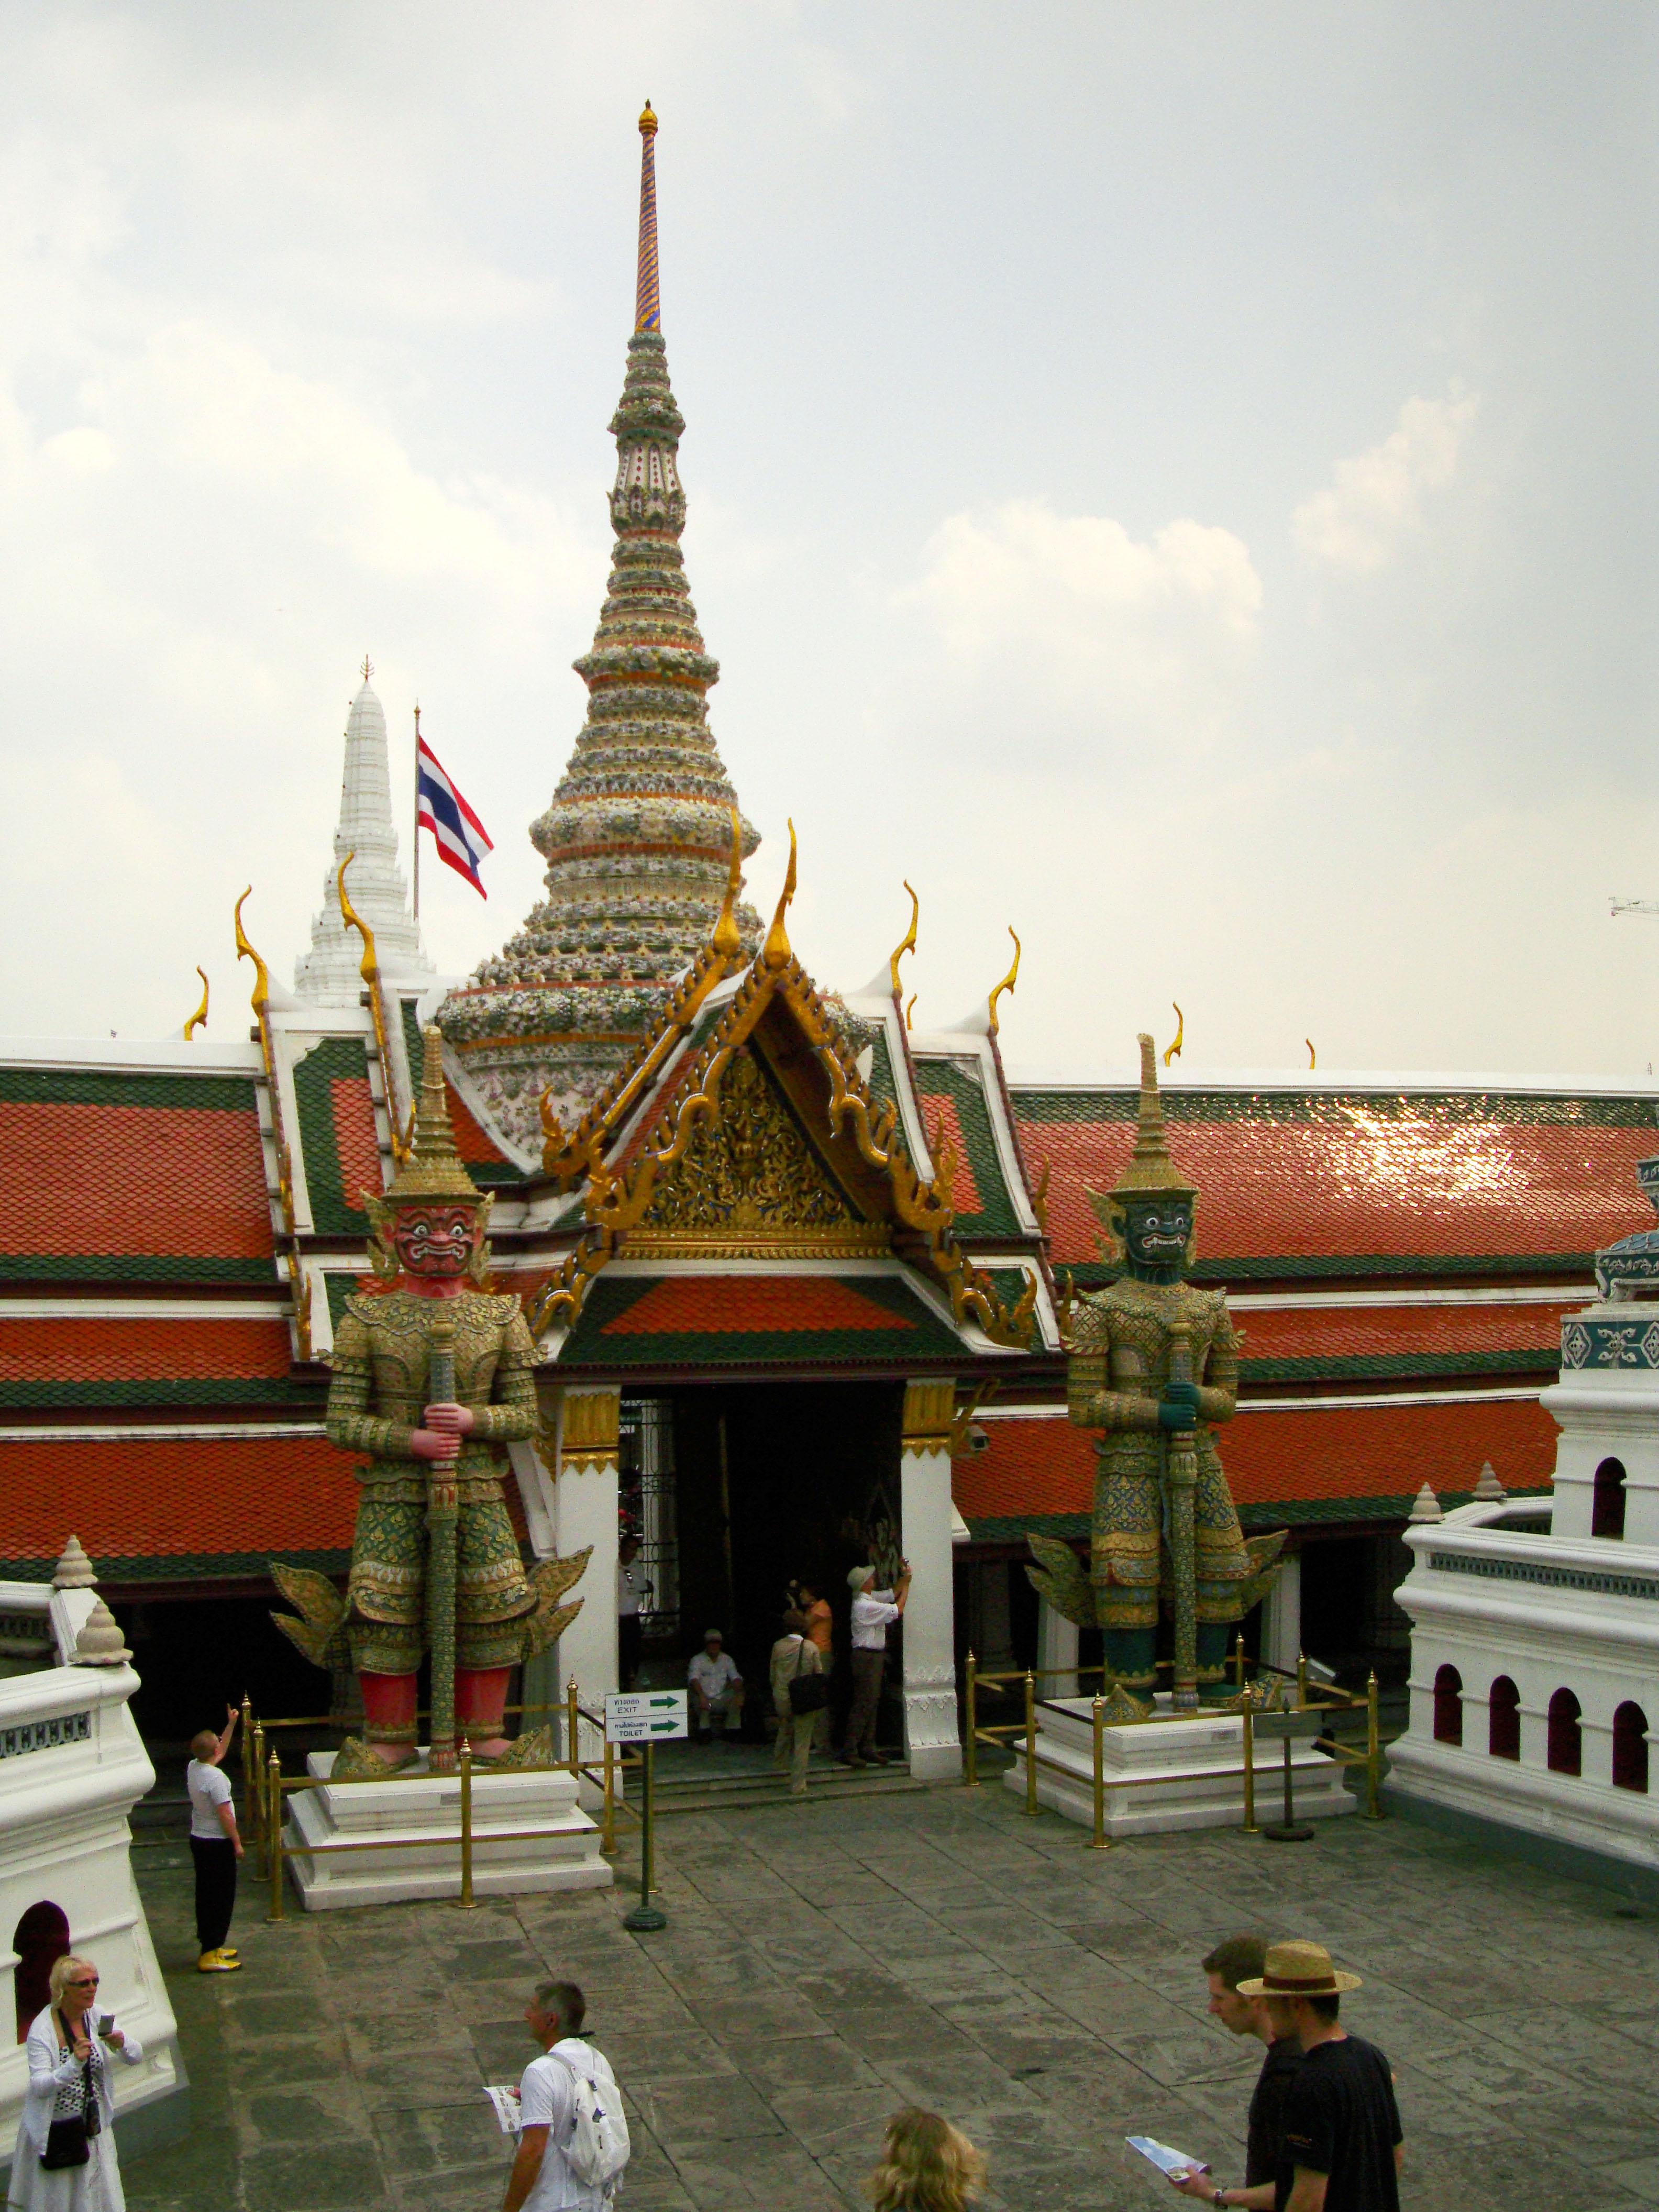 Grand Palace Phra Borom Maha Ratcha Wang Bangkok Thailand 35